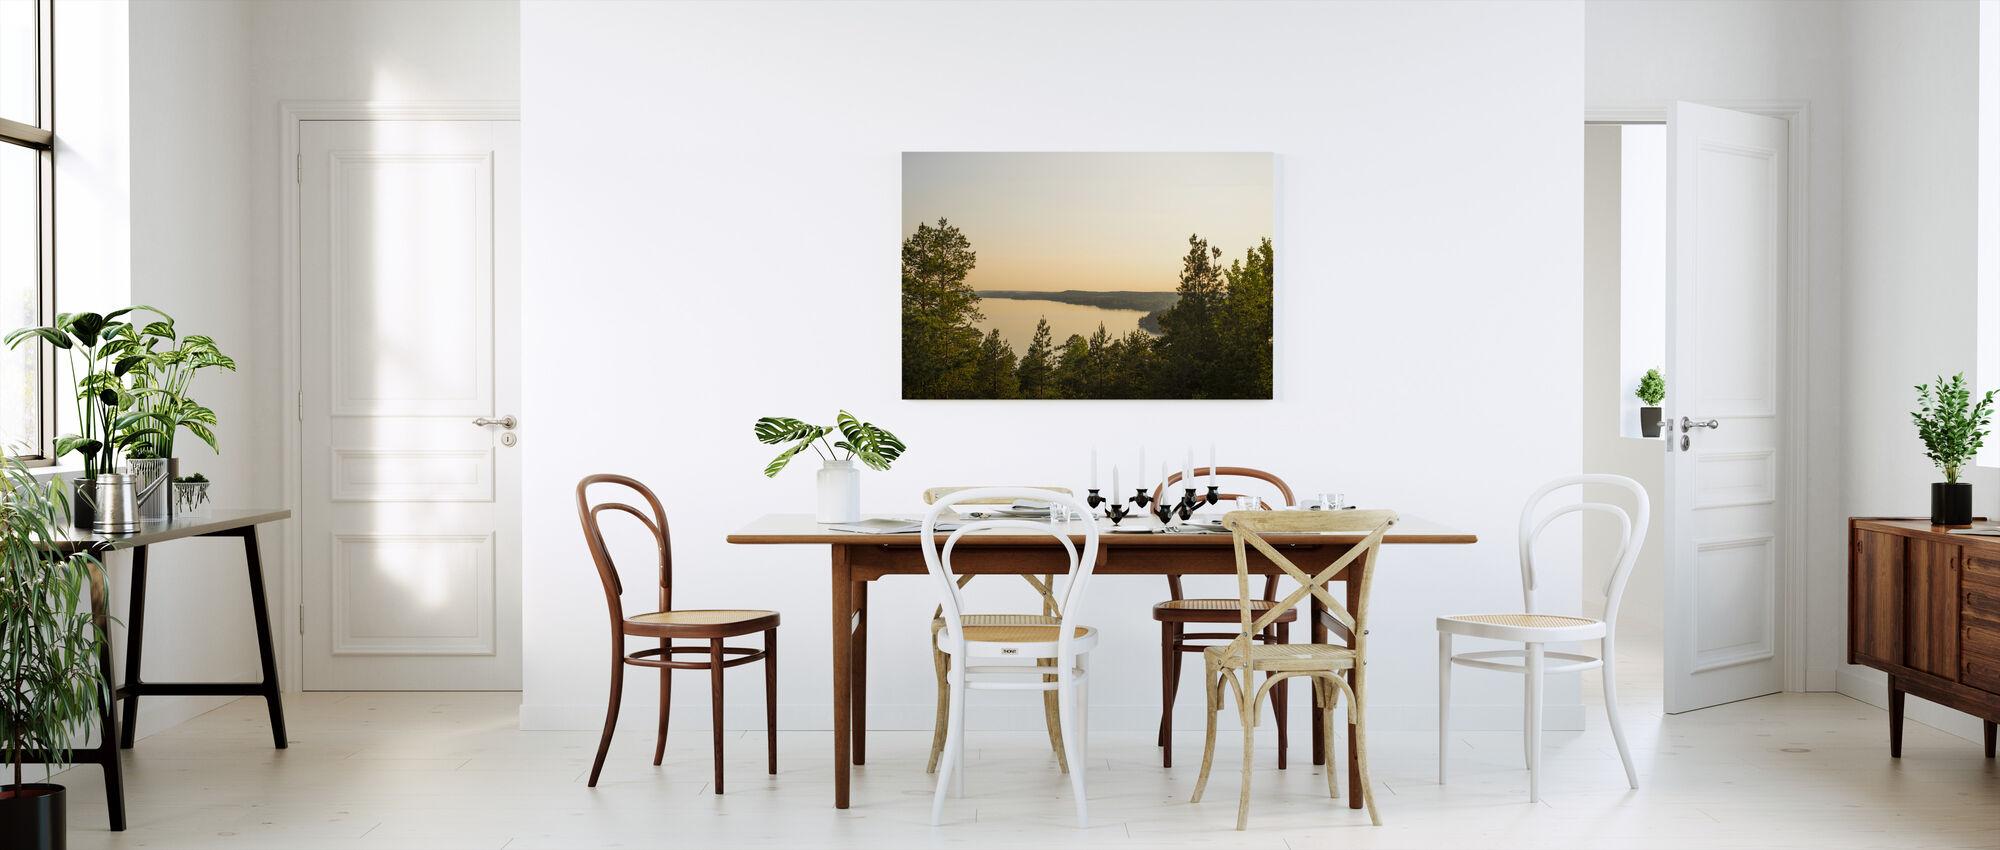 Näkymä yli Birkaland - Canvastaulu - Keittiö